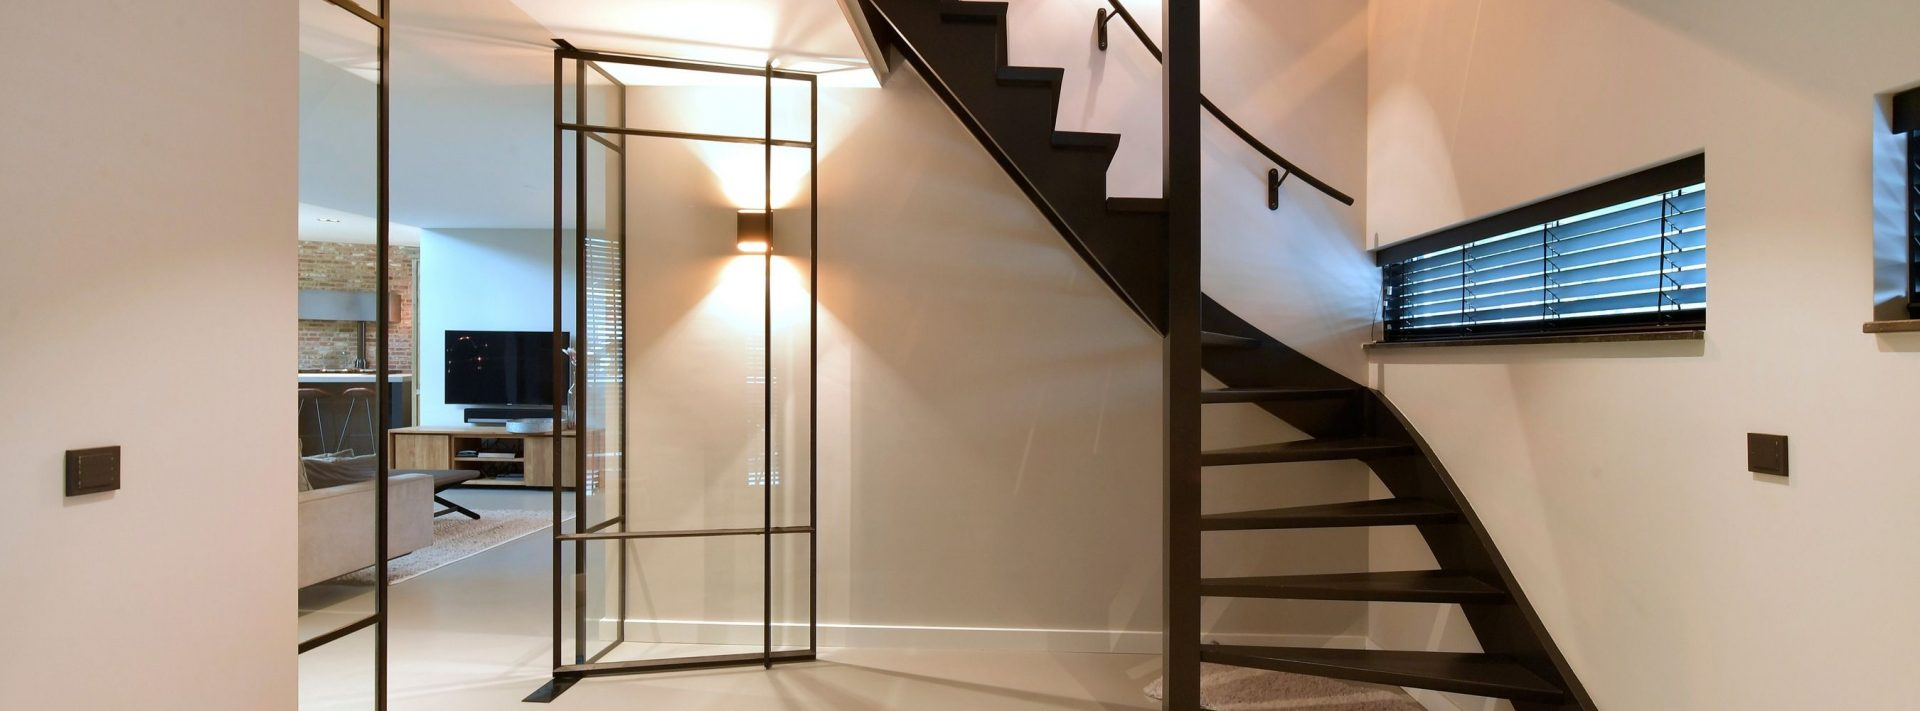 pivotdeuren, stalen deuren op maat, stalen deur met glas in hal gerealiseerd door Stalen Deuren Huys